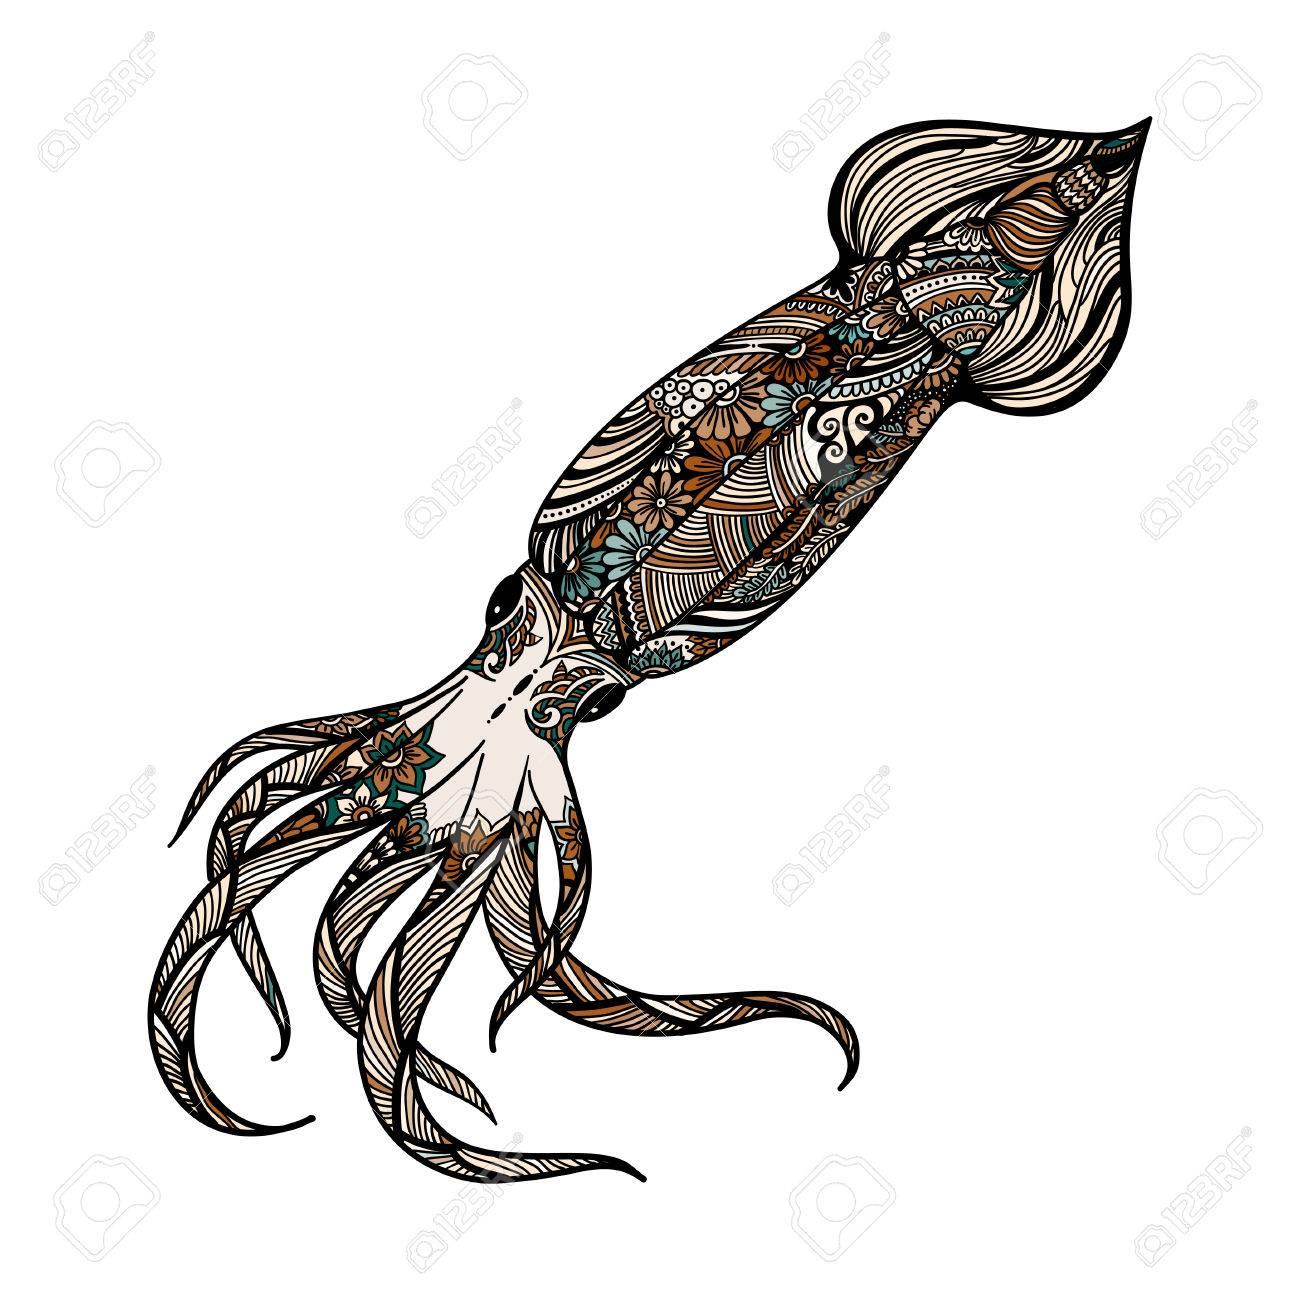 Grandes Calamares Kraken El Habitante Del Océano Glubokokvodny Monstruo